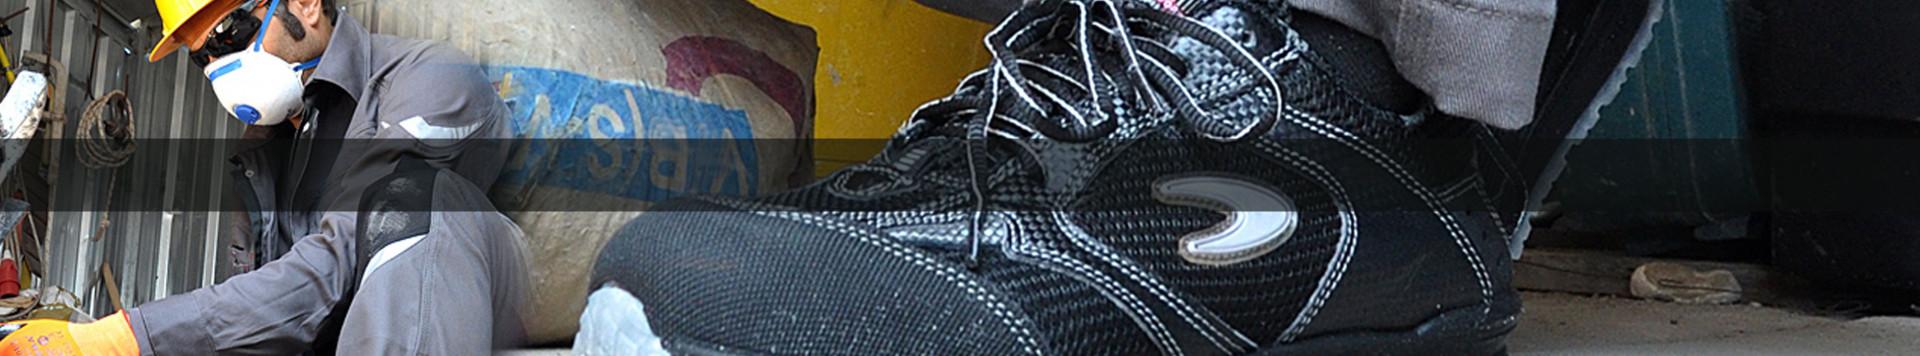 Chaussures de sécurité Safety Jogger, Portwest, Cofra et Gar.